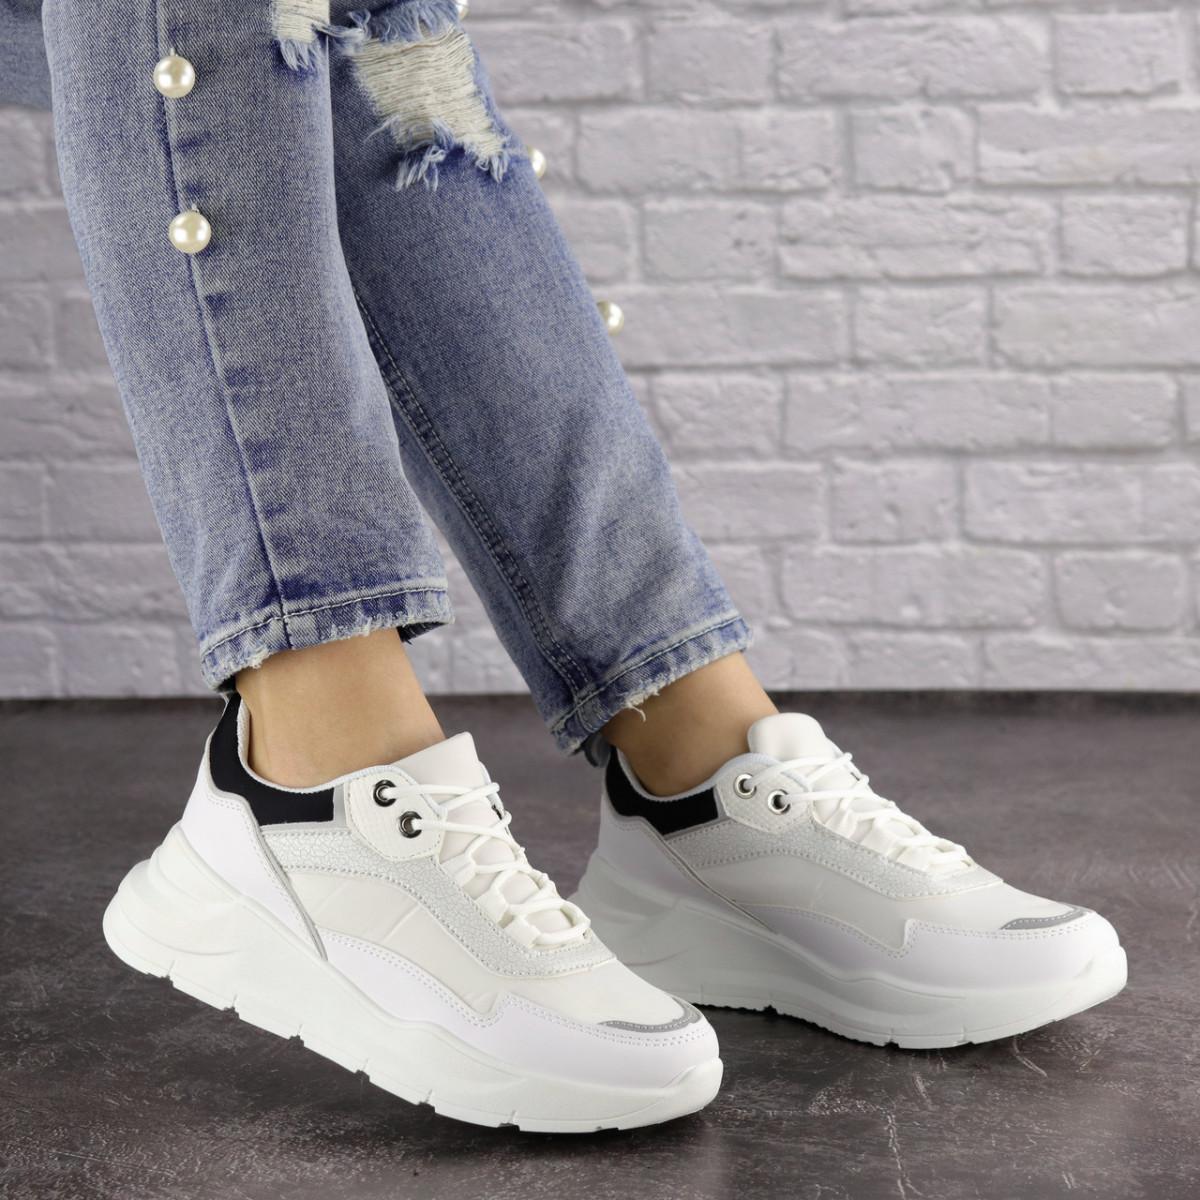 Жіночі кросівки Fashion Wackey 1379 38 розмір 24 см Білий